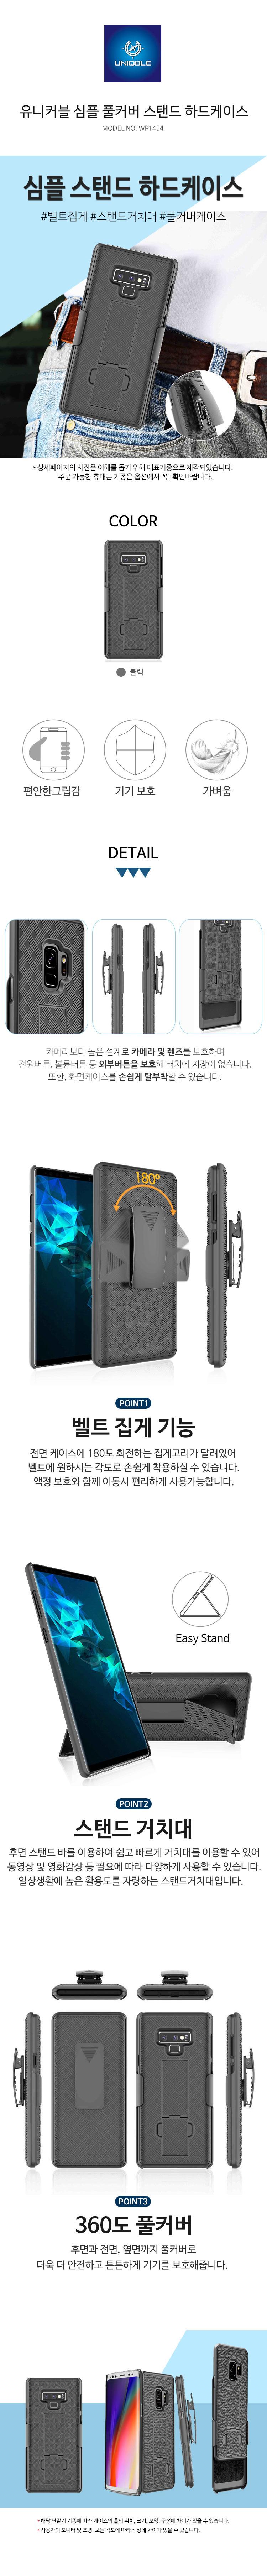 갤럭시S10 S10E S9 플러스 노트9 노트8 벨트 클립 홀더 거치대 하드 휴대폰 케이스 - 유니커블, 13,400원, 케이스, 갤럭시S10